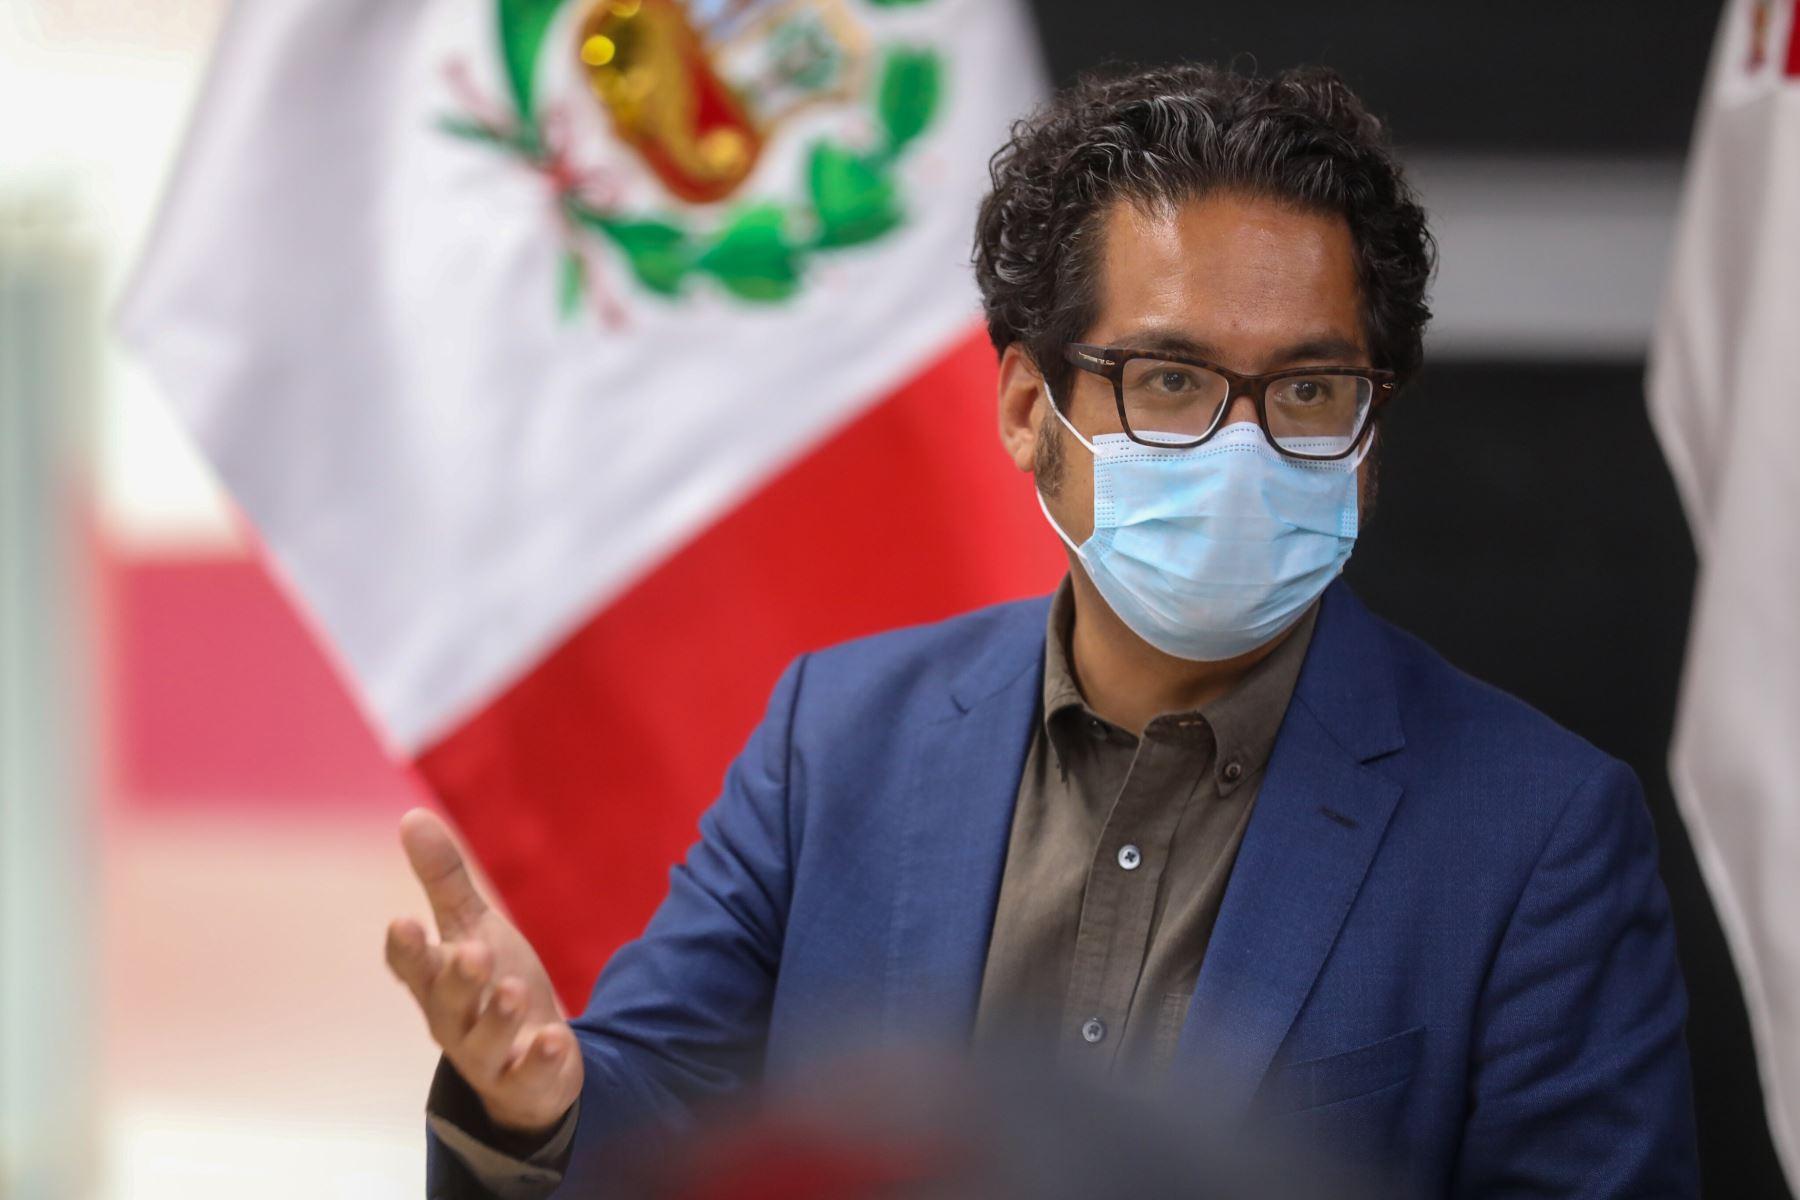 Ministerio de la Producción invoca responsabilidad para que cuarentena sea  corta   Noticias   Agencia Peruana de Noticias Andina